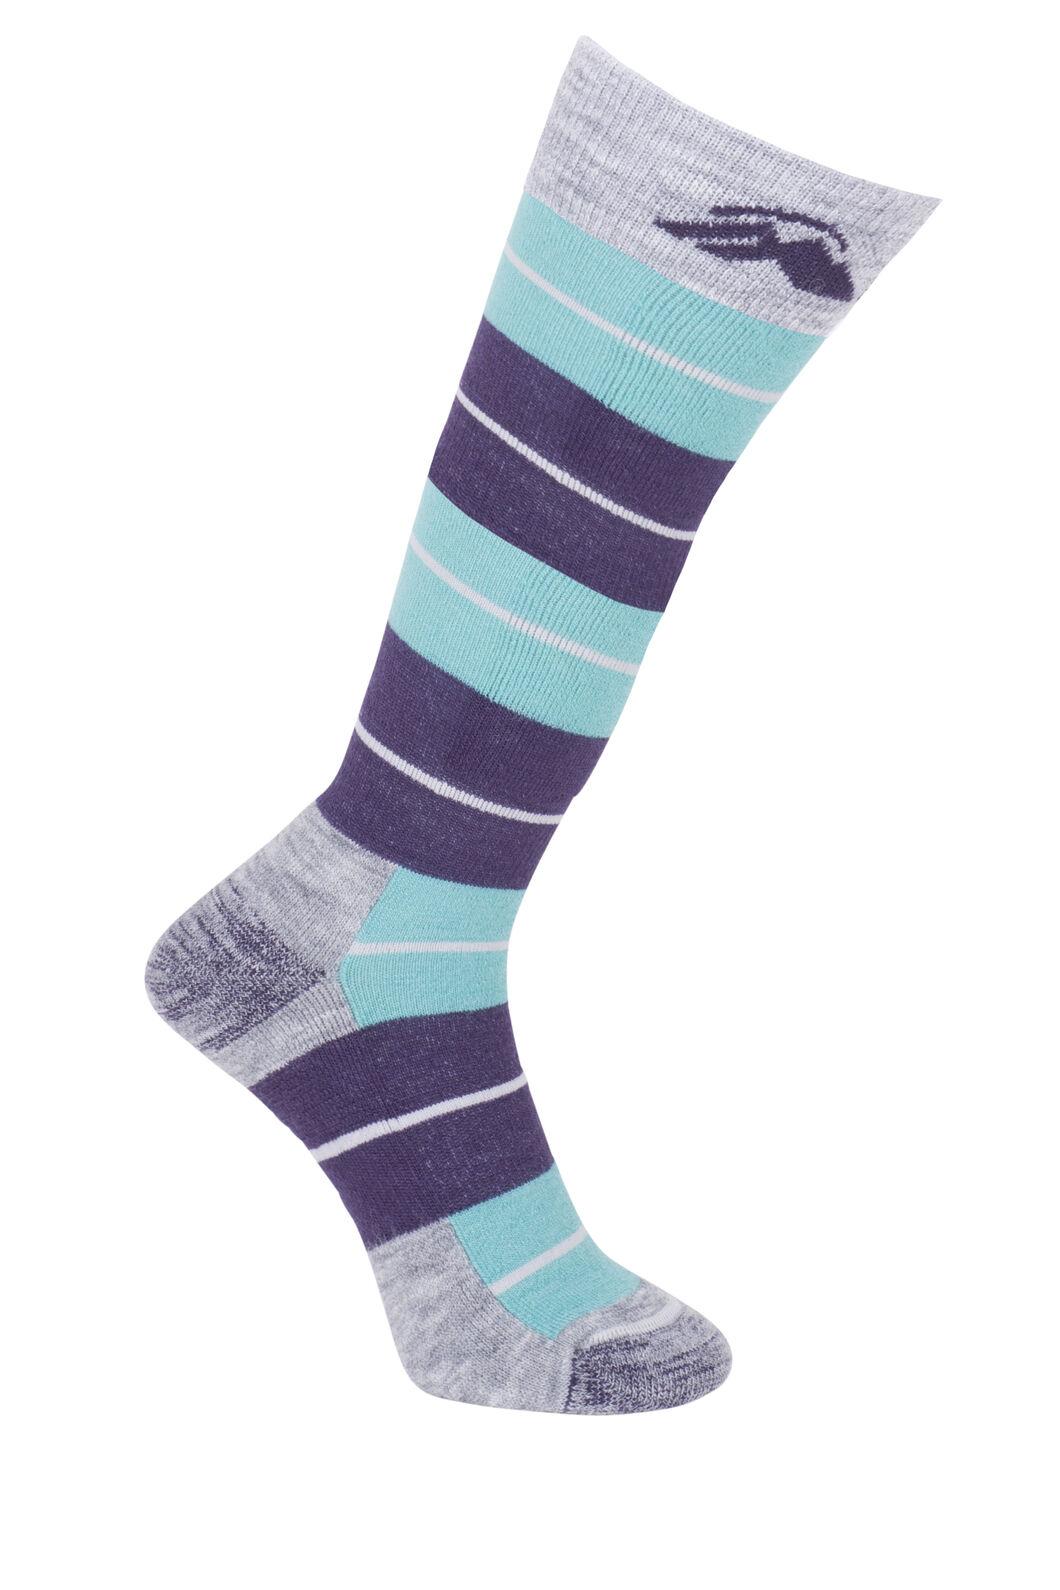 Macpac Merino Ski Socks - Kids', Pearl Blue/Ocean, hi-res